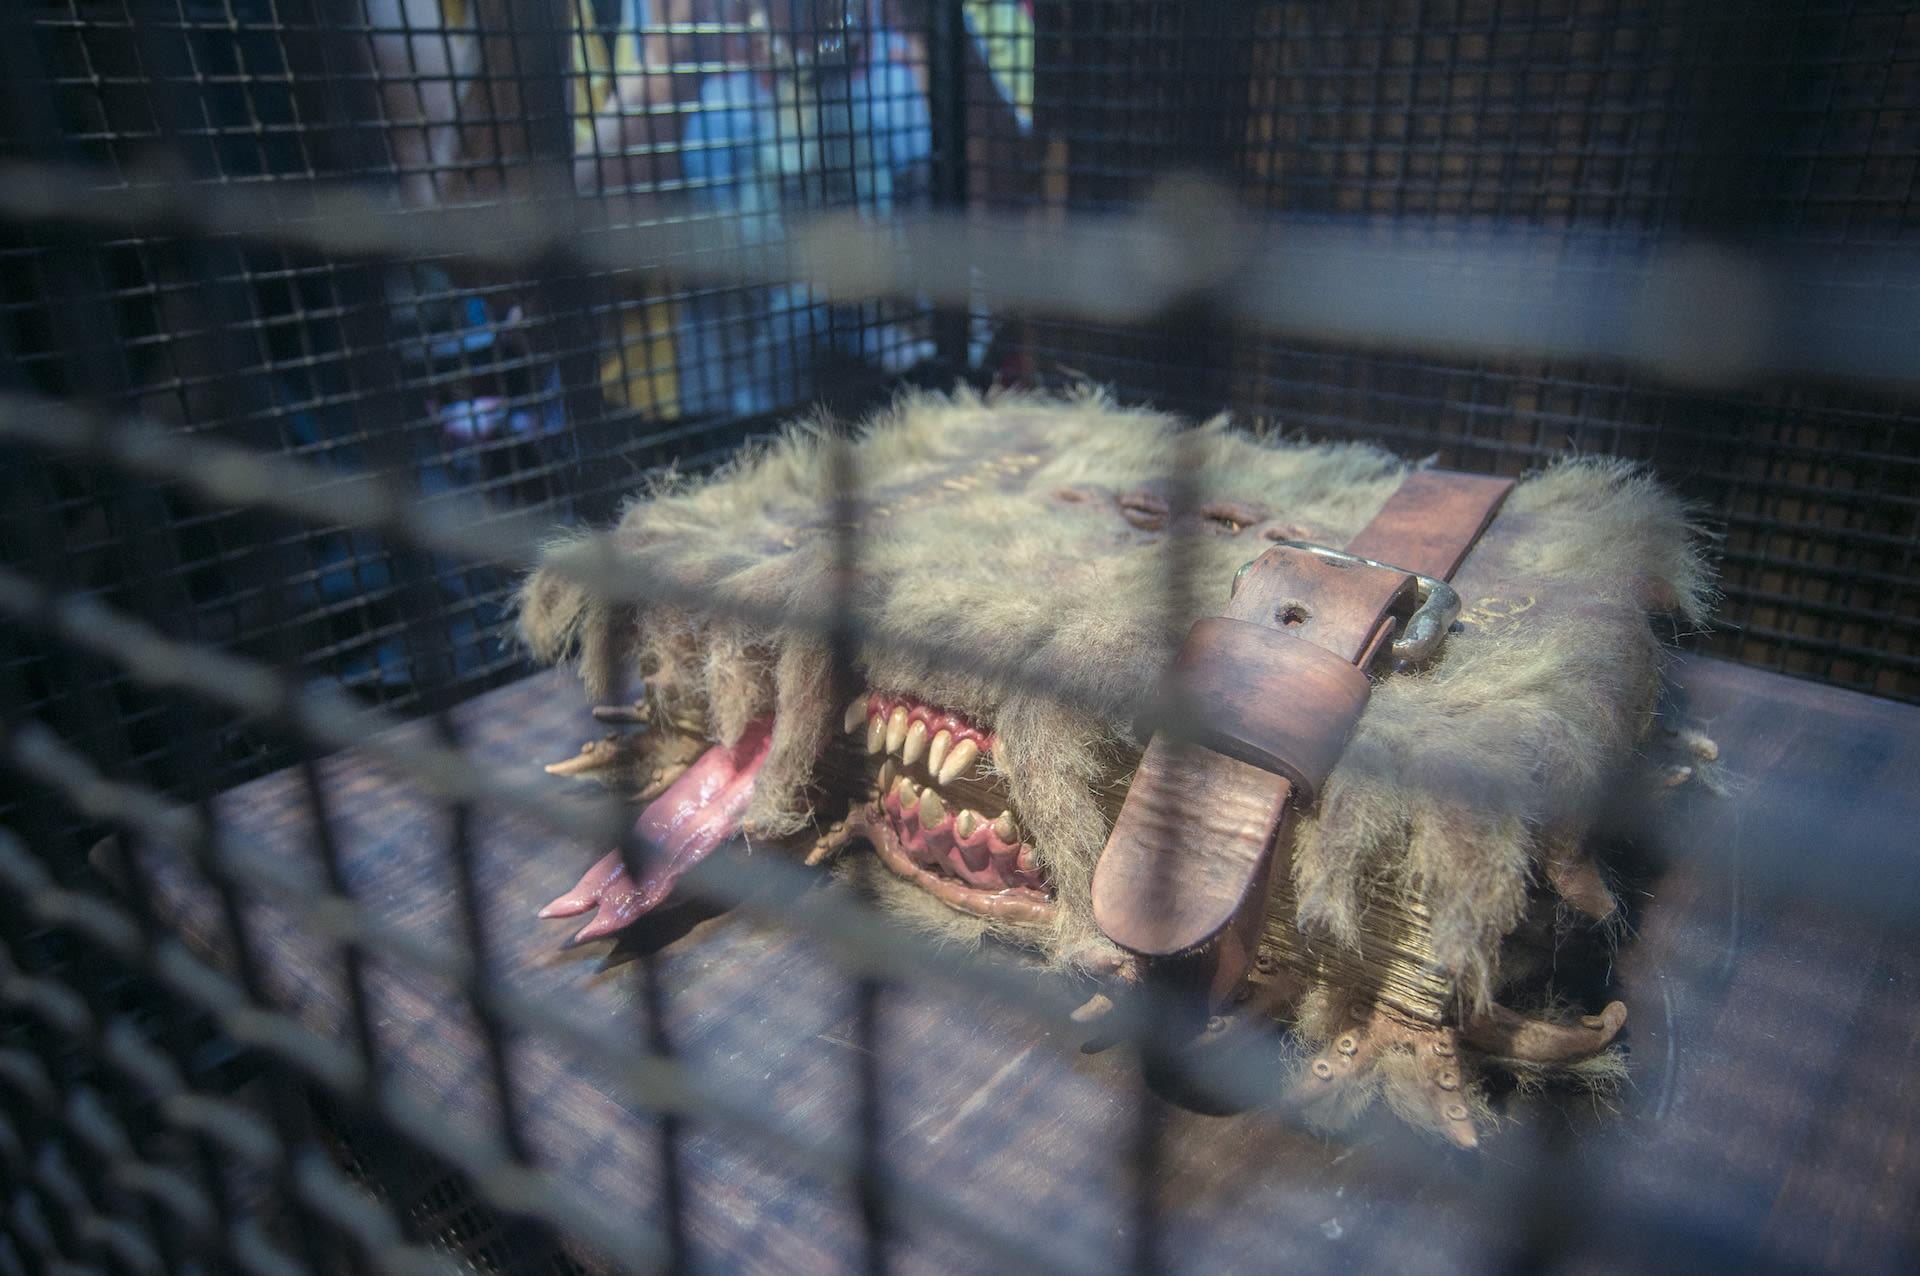 大阪環球影城哈利波特,怪獸書!他真的會一直叫跟咬!